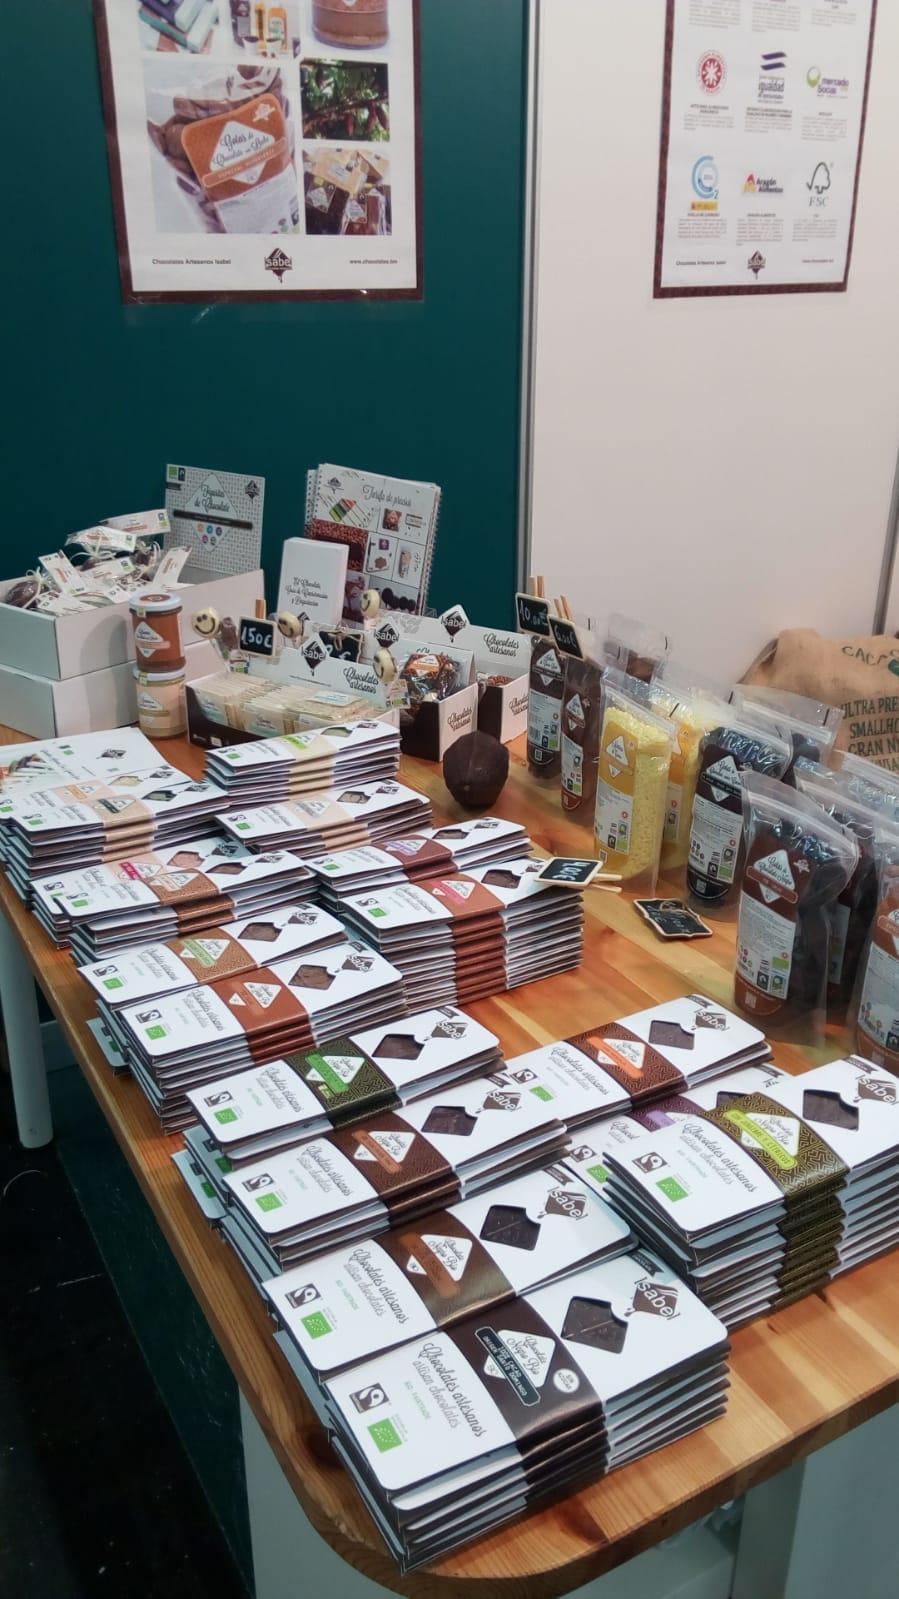 biocultura bilbao stand